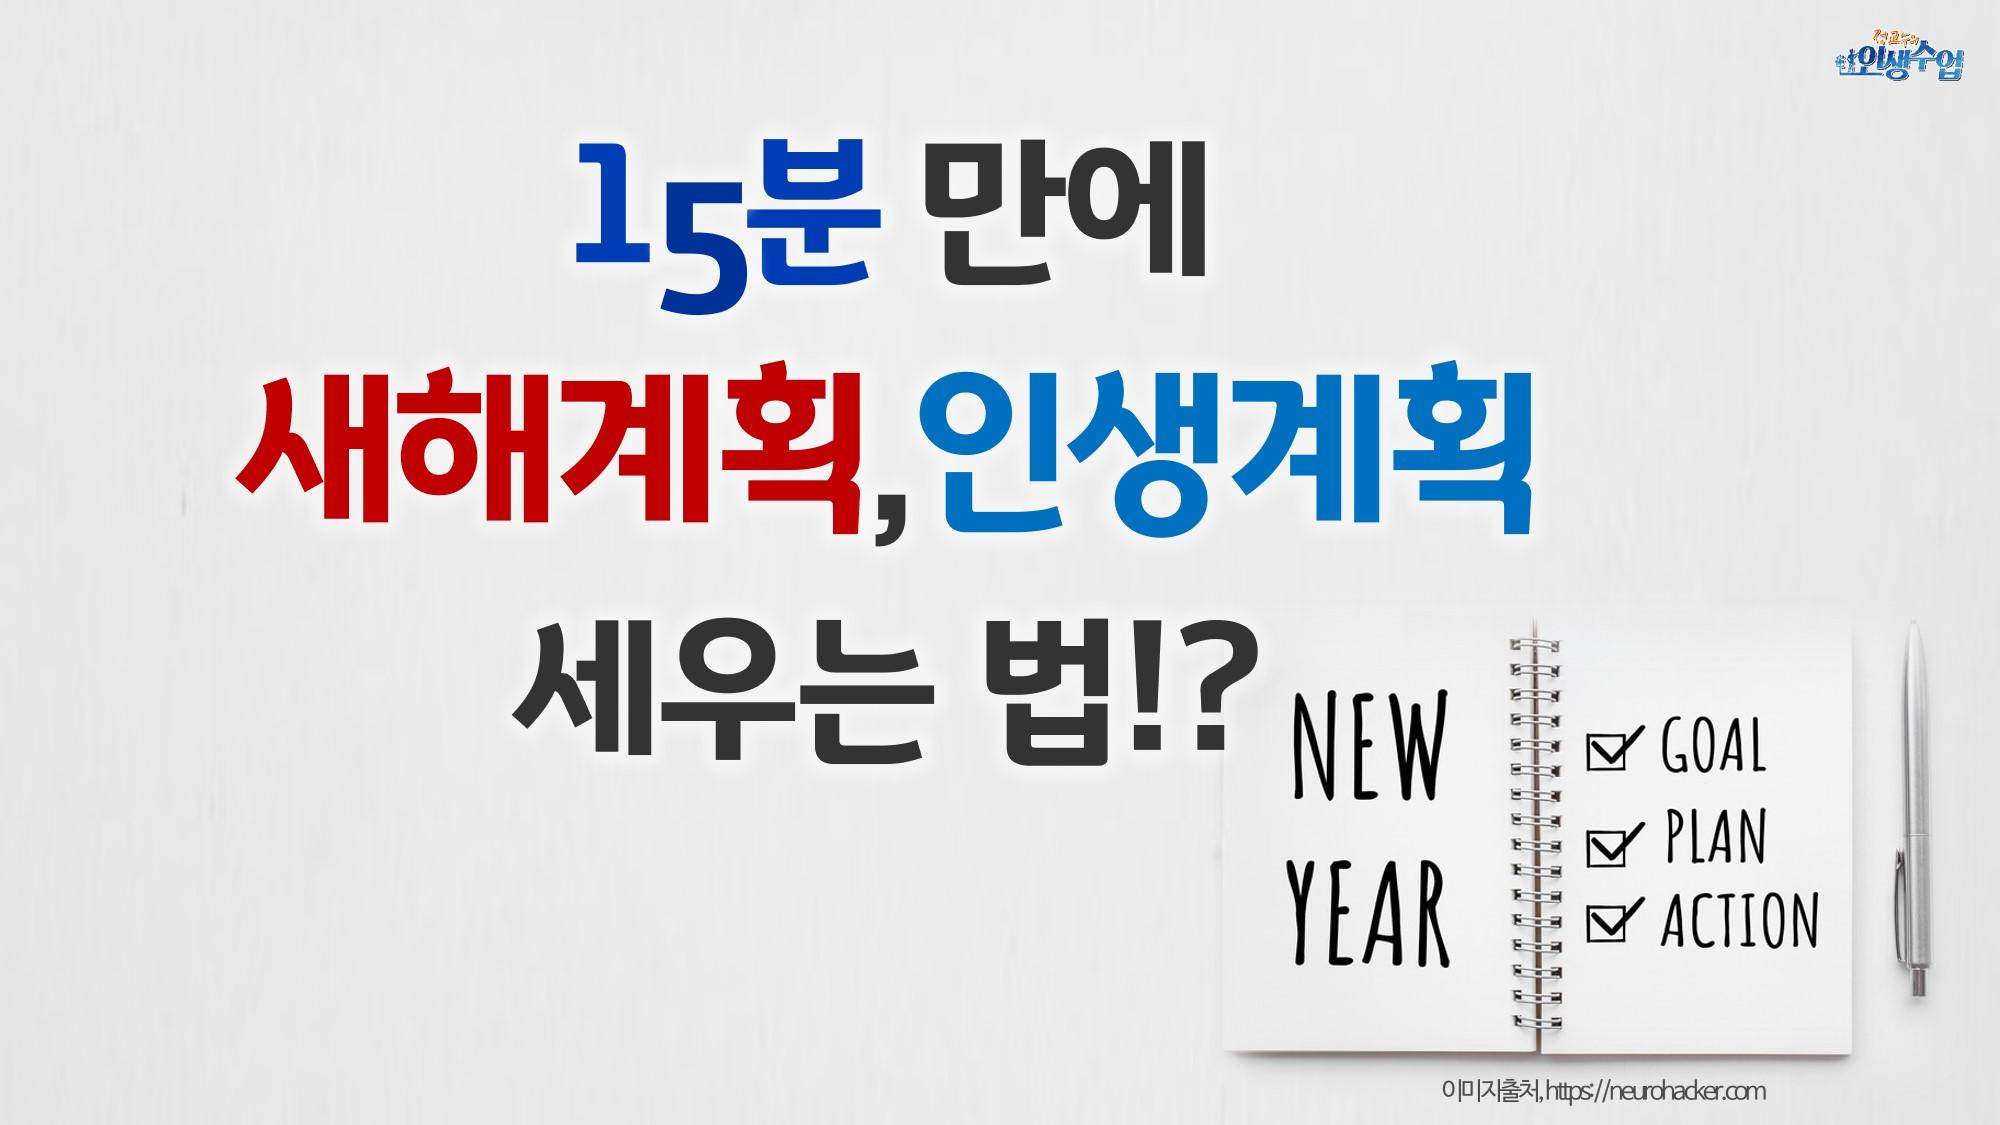 15분만에 세우는 신년계획, 새해계획, 인생계획 작성법 완벽가이드